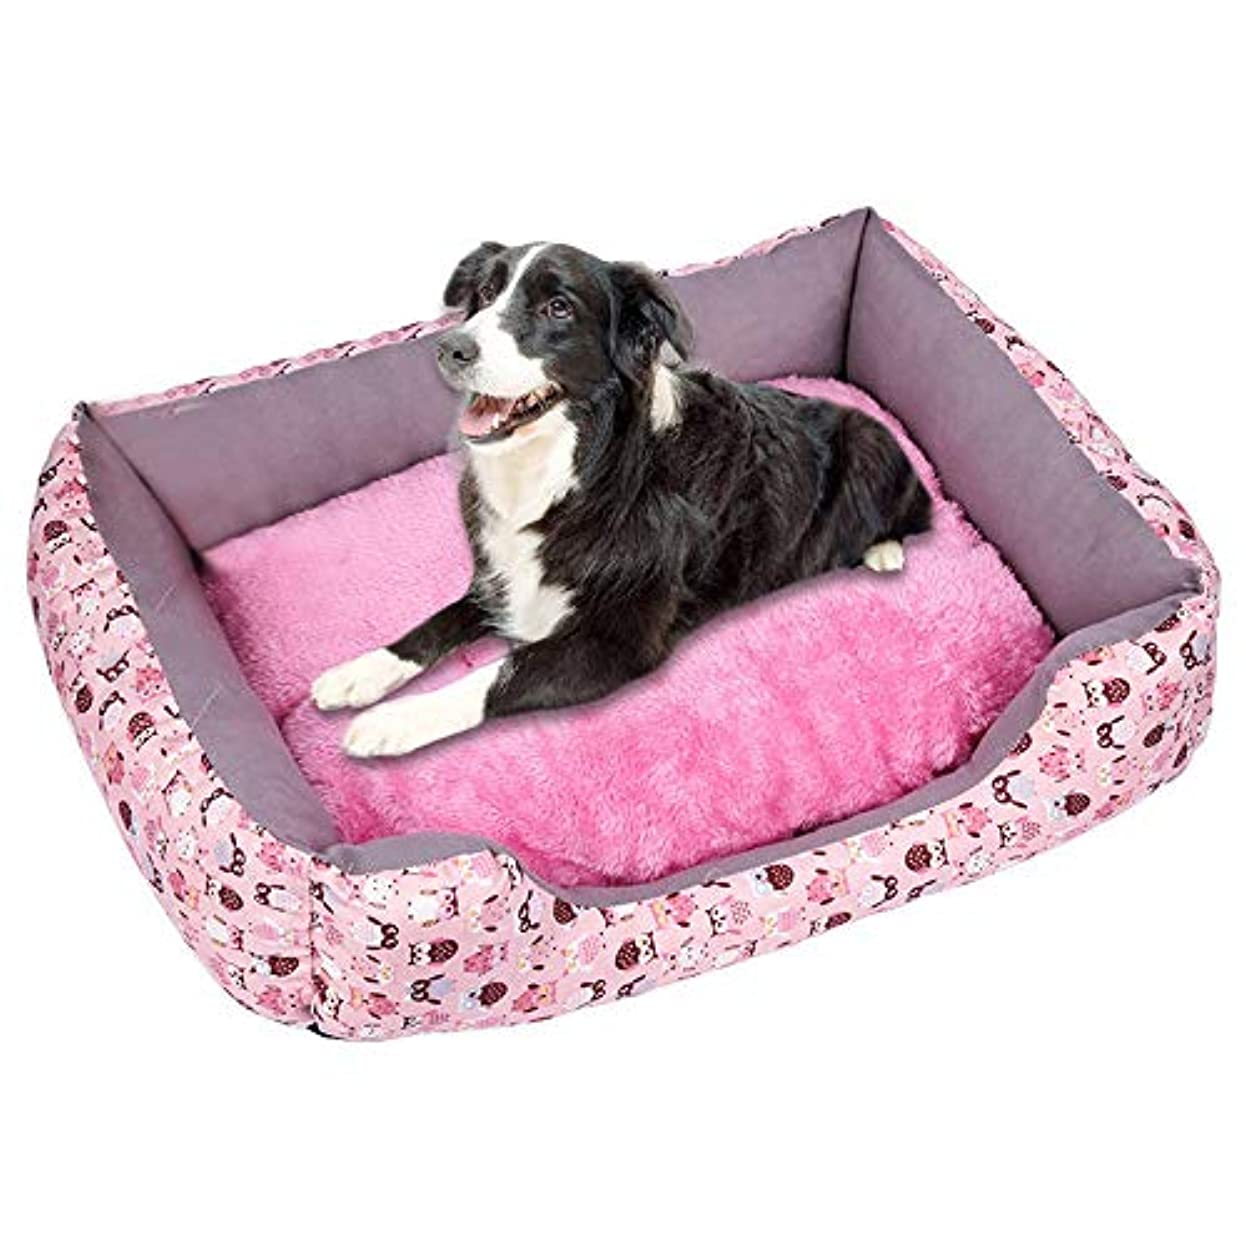 発見規則性リダクタープラスベルベット肥厚ペットの巣 柔らかいペット犬猫ベッド子犬クッションハウスペットソフト暖かい犬小屋犬マットブランケット 犬小屋 ペットハウス ペットネスト 犬舎 柔らかくて温かく 快適で通気性があります (B, S)